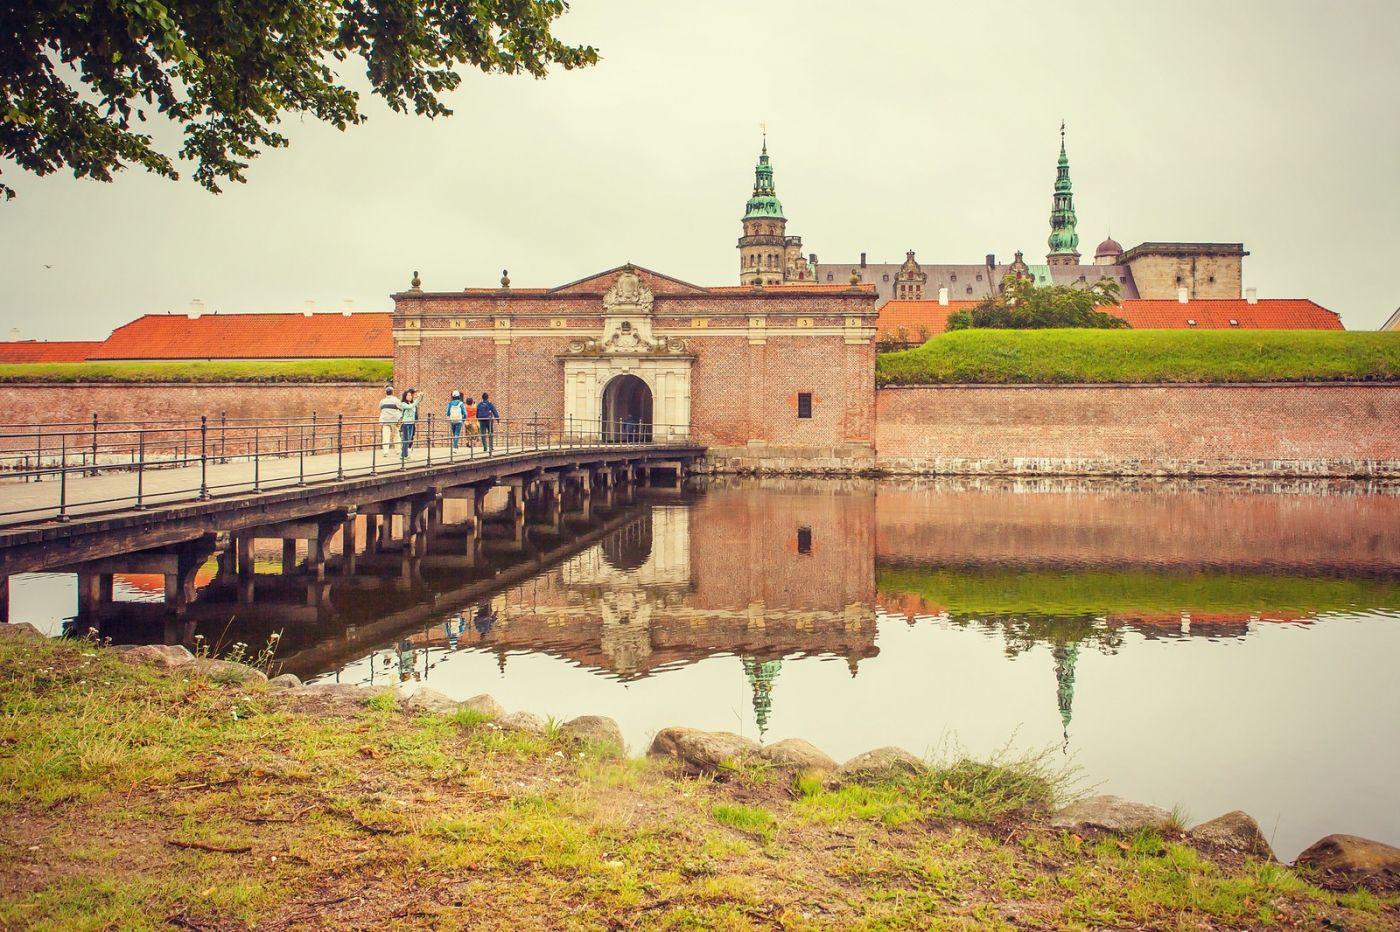 丹麦腓特烈堡城堡,当年的风采_图1-28